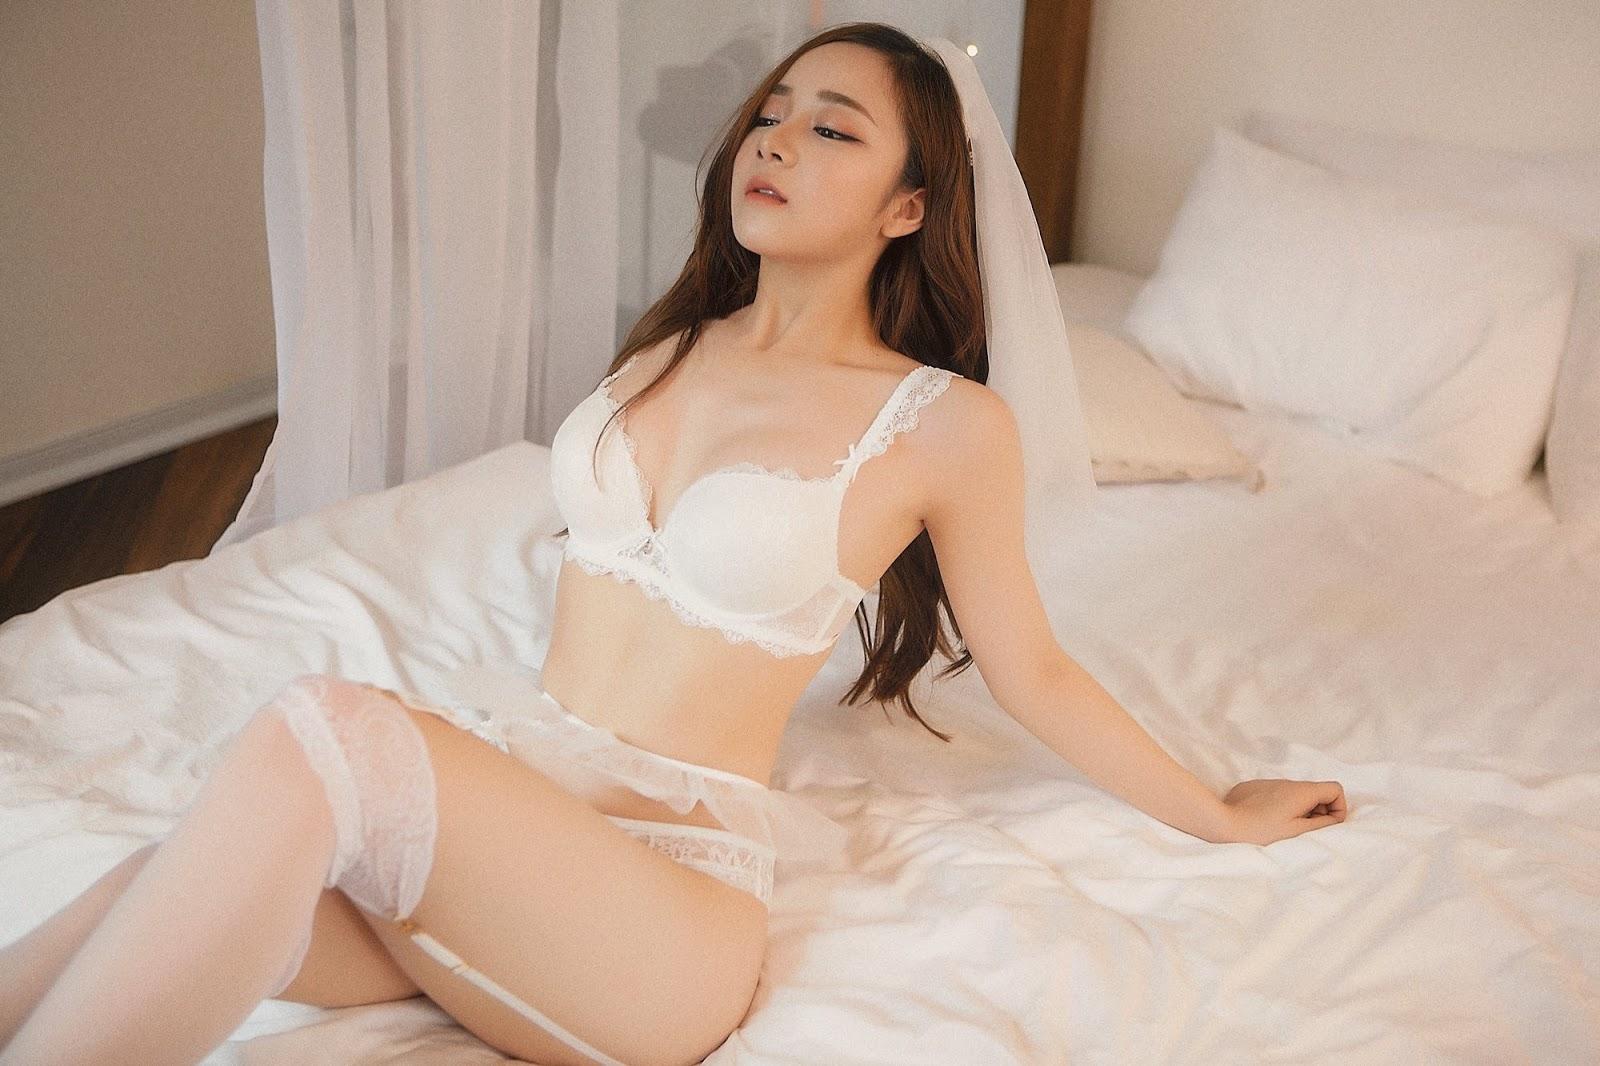 Cùng ngắm nhan sắc của Nhã Tiên-Hot girl hiếm hoi của đất Hưng Yên